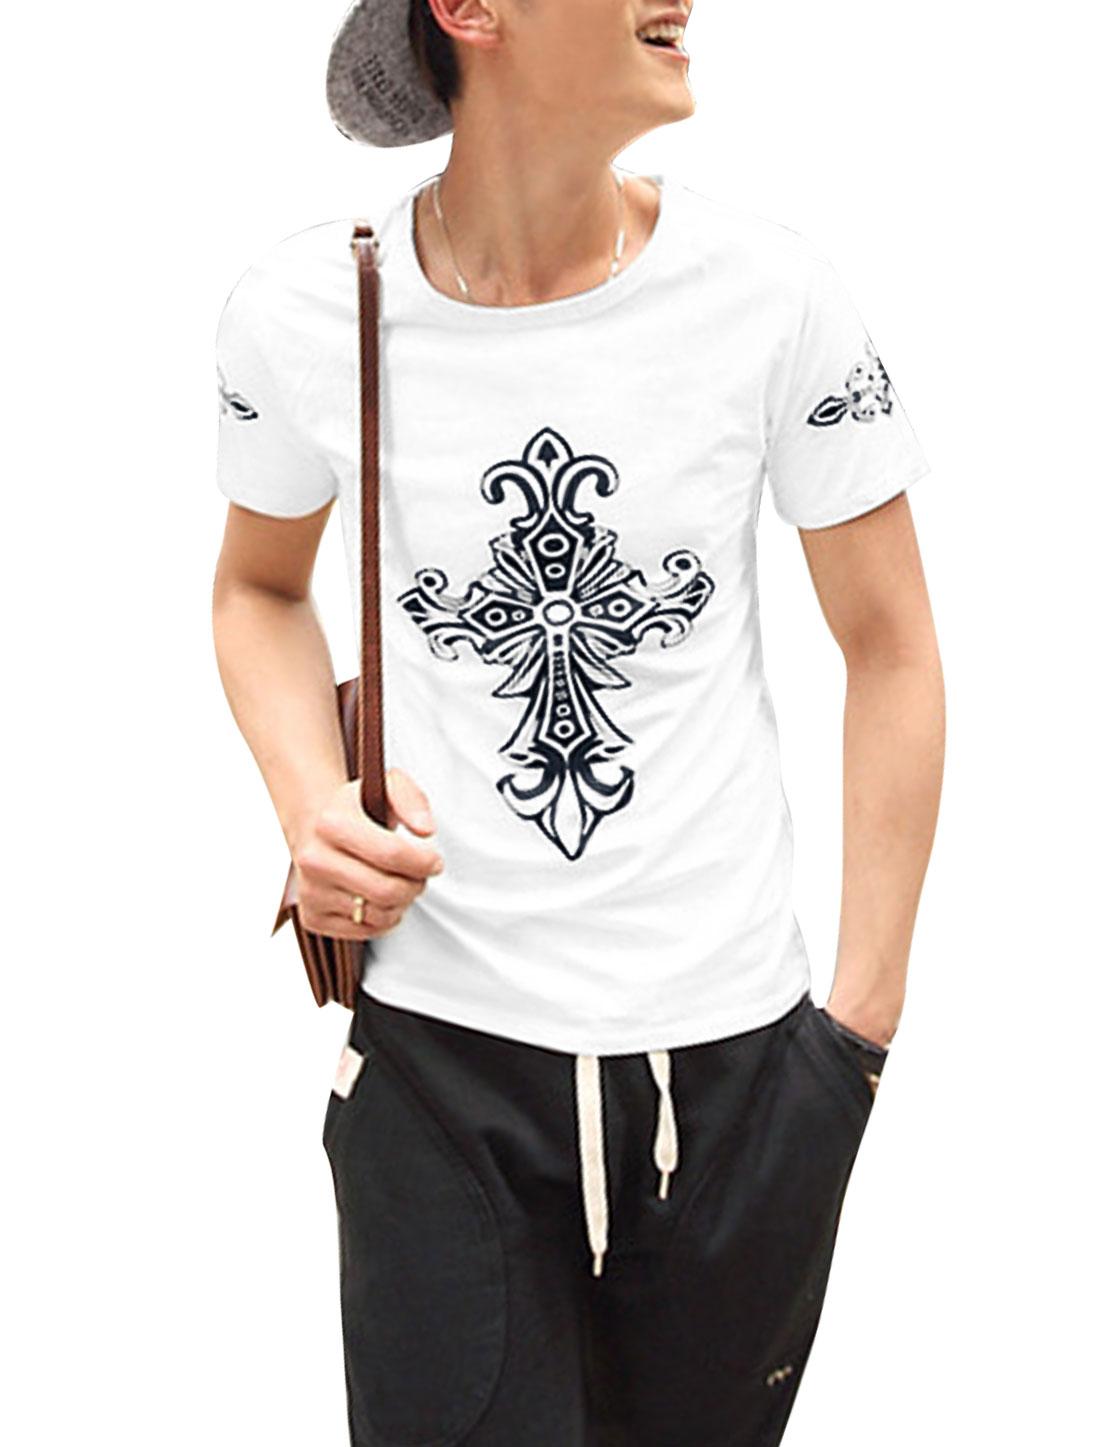 Men Slipover Short Sleeve Cross Pattern Stretchy Top Shirt White M